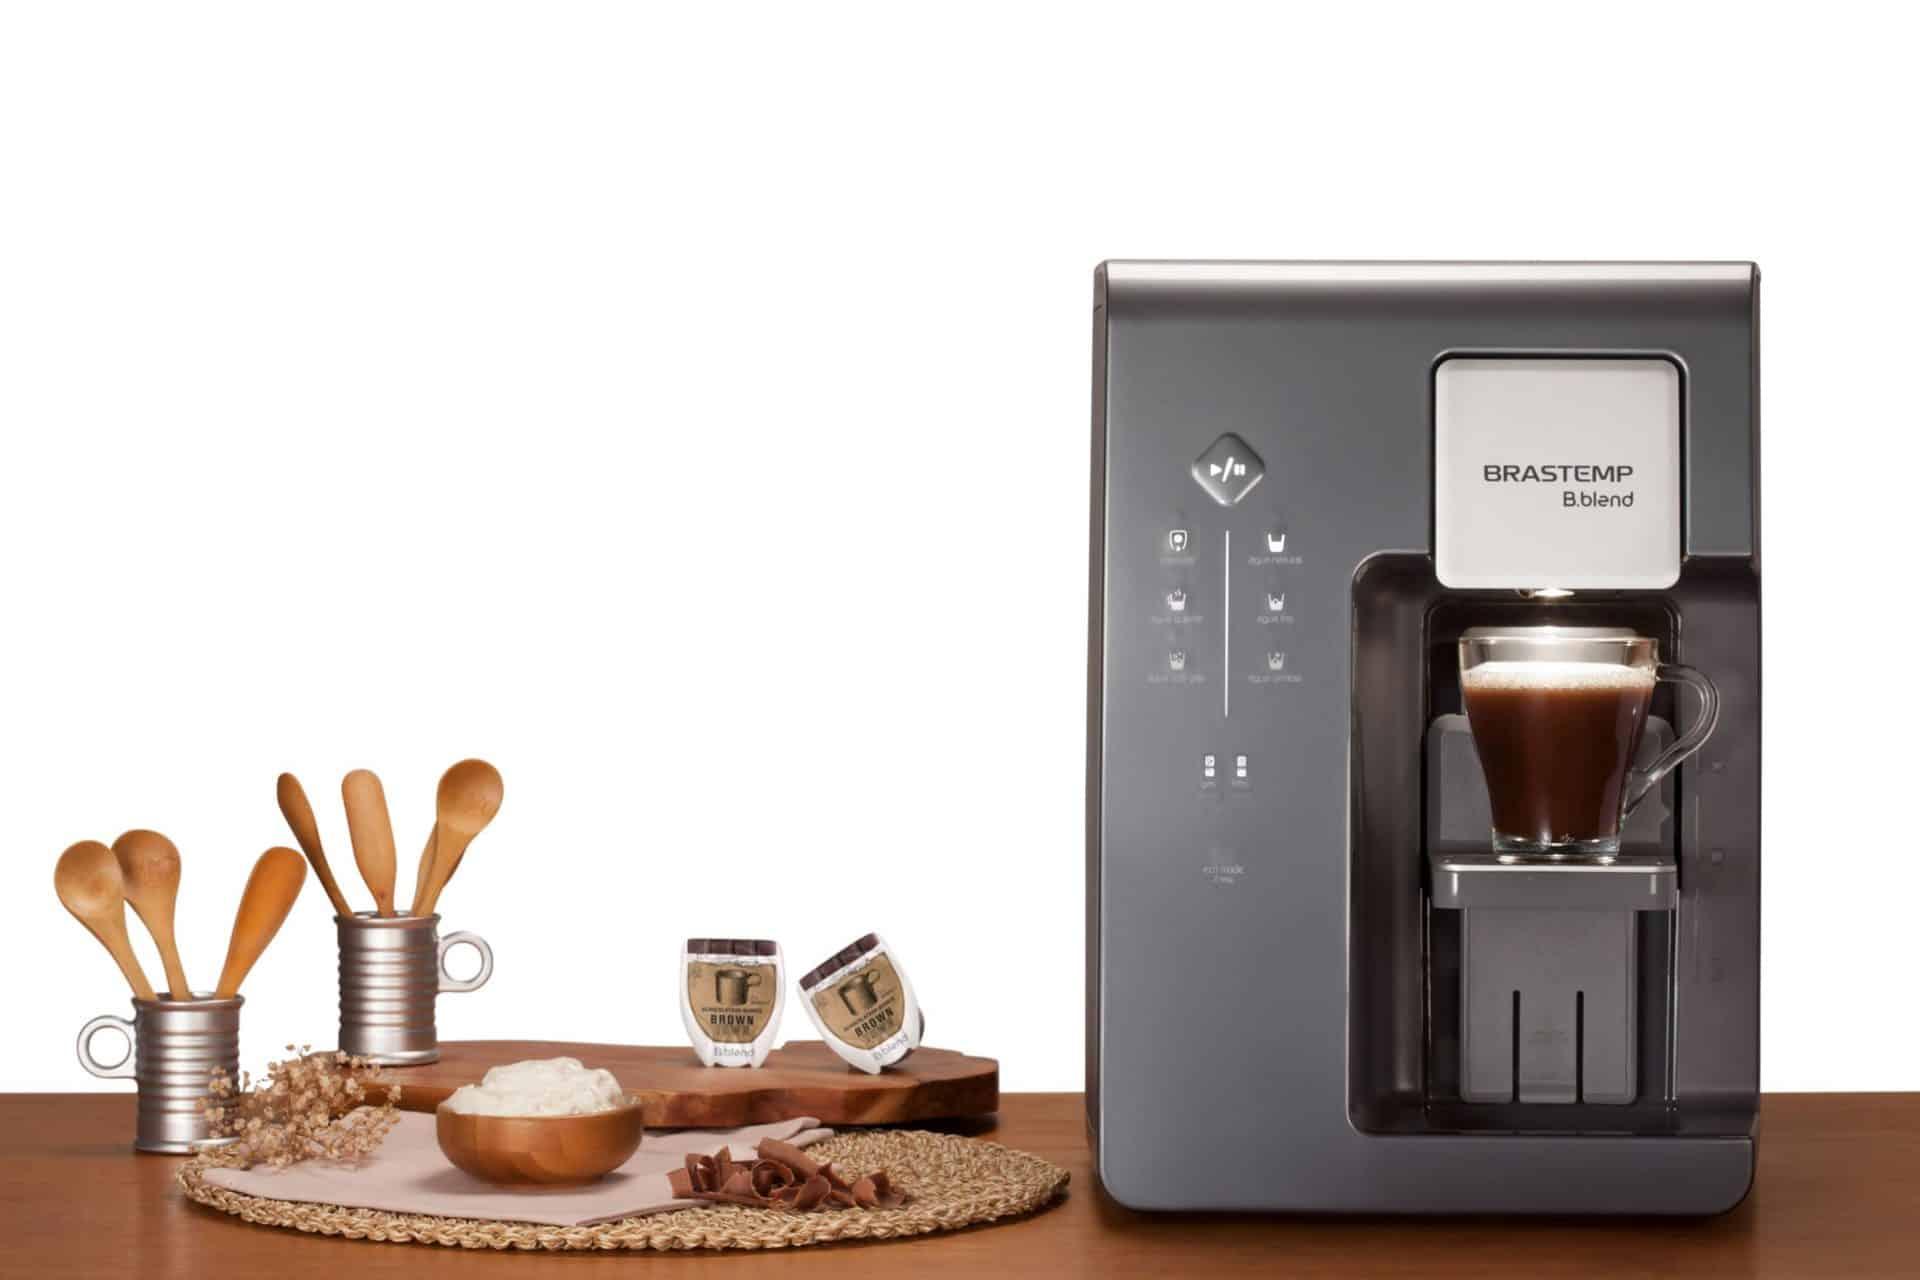 Máquina de fazer chocolate quente: a experiência de uma cafeteria no conforto da sua casa